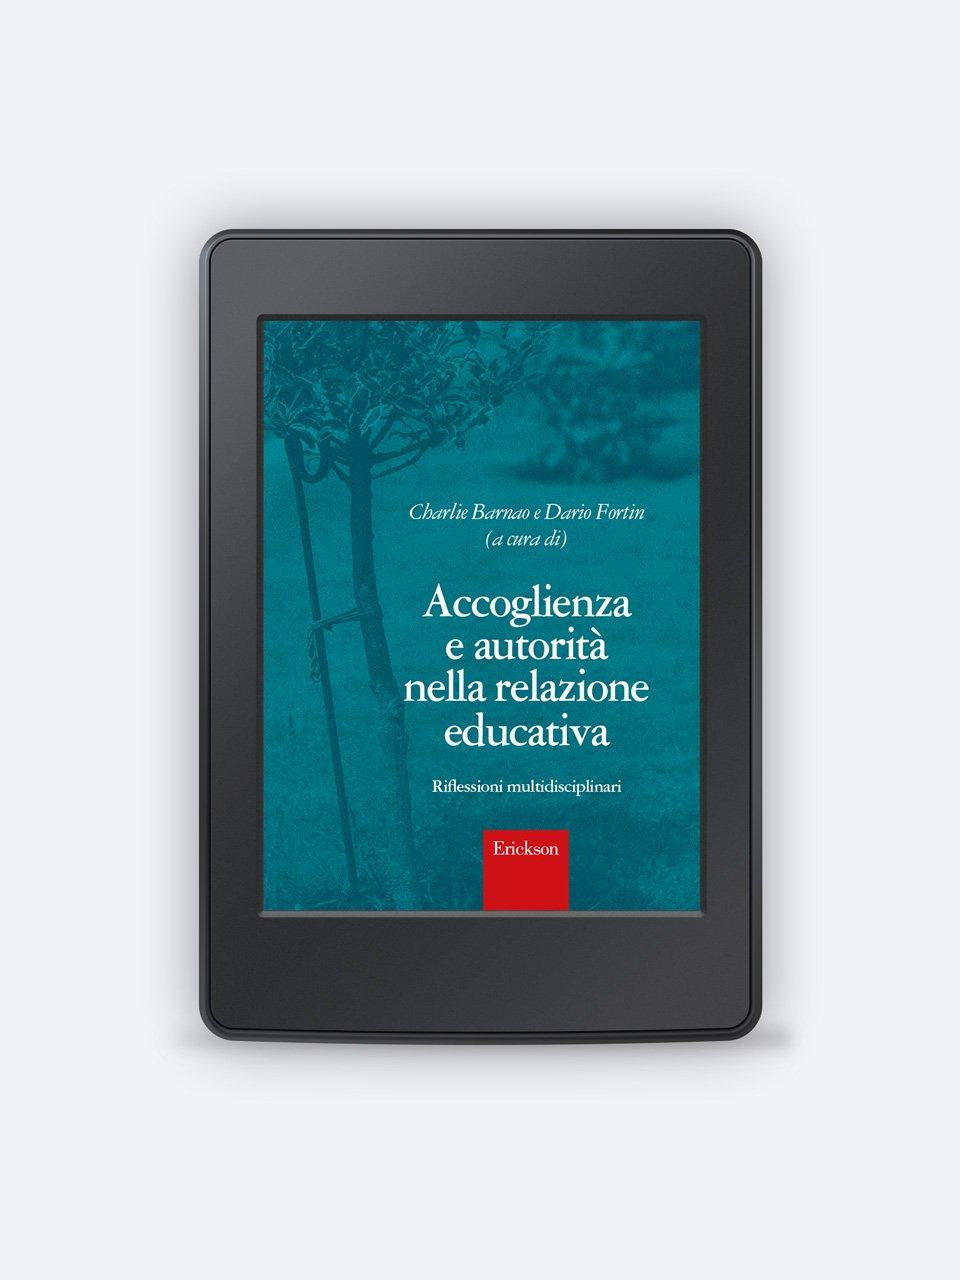 Accoglienza e autorità nella relazione educativa - Insegnare domani - Scuola Secondaria - Concorso do - Formazione - Erickson